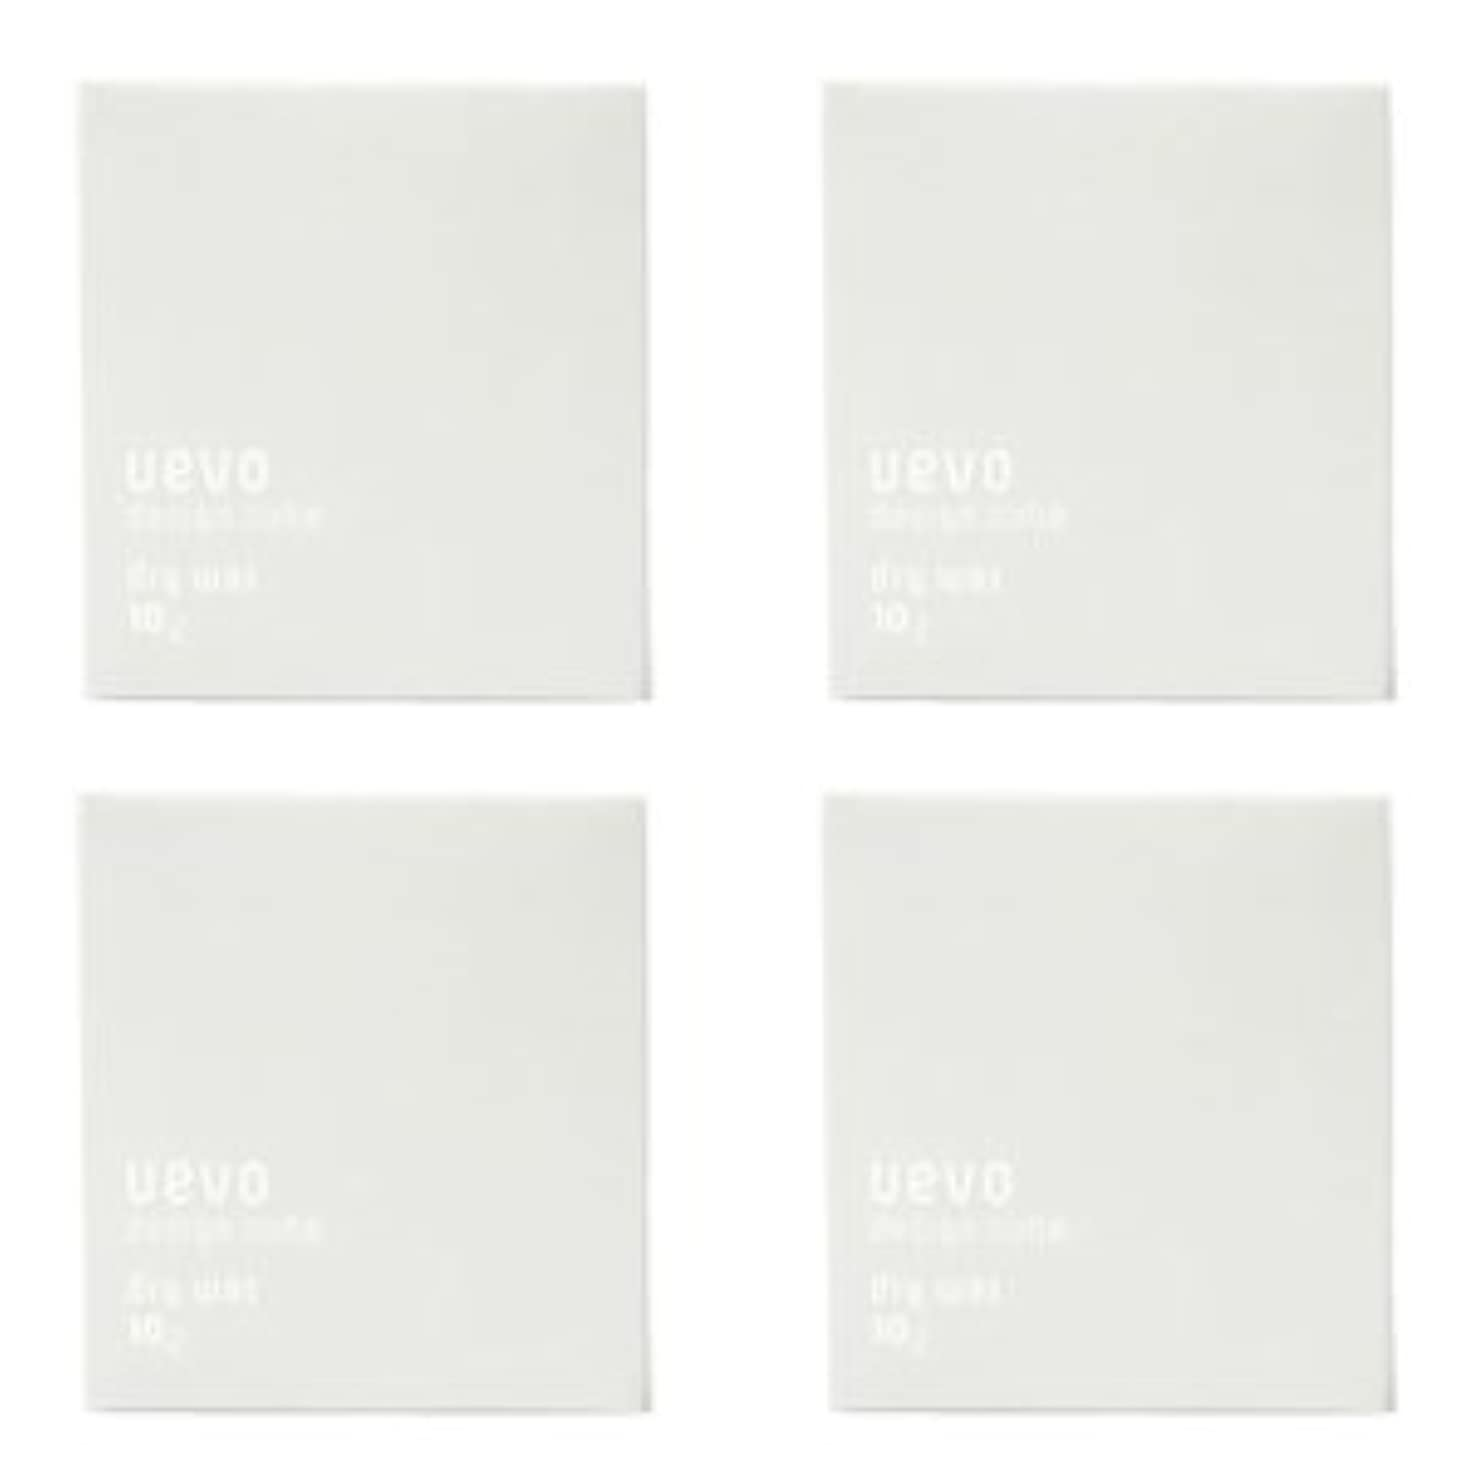 咳柔らかい足前奏曲【X4個セット】 デミ ウェーボ デザインキューブ ドライワックス 80g dry wax